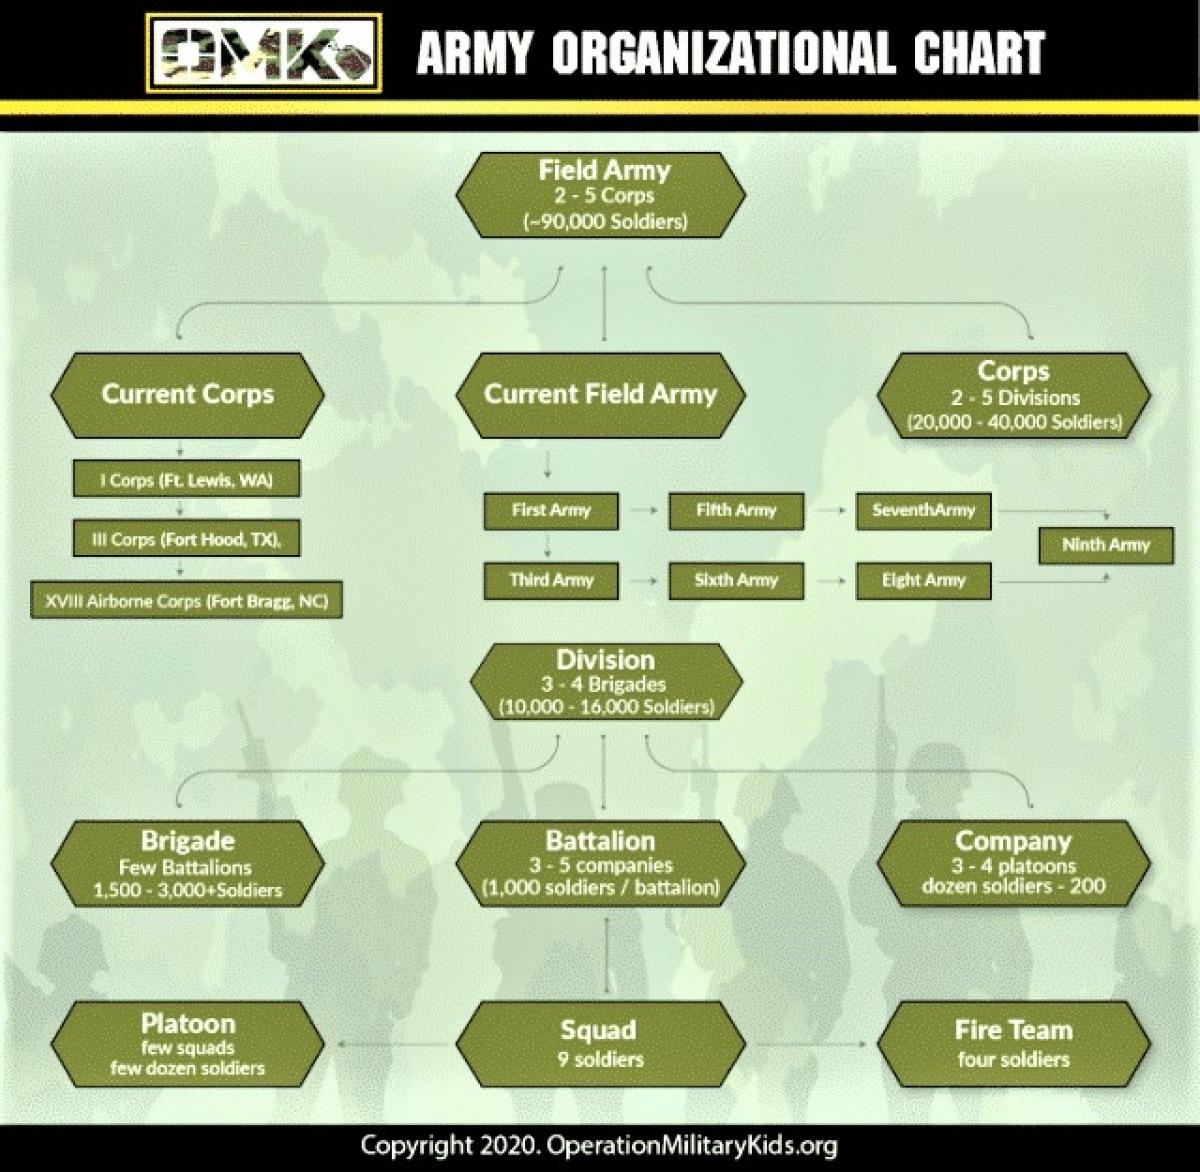 Hiện tại, tiểu đội bộ binh Quân đội Mỹ gồm 9 binh sĩ; Nguồn: operationmilitarykids.org